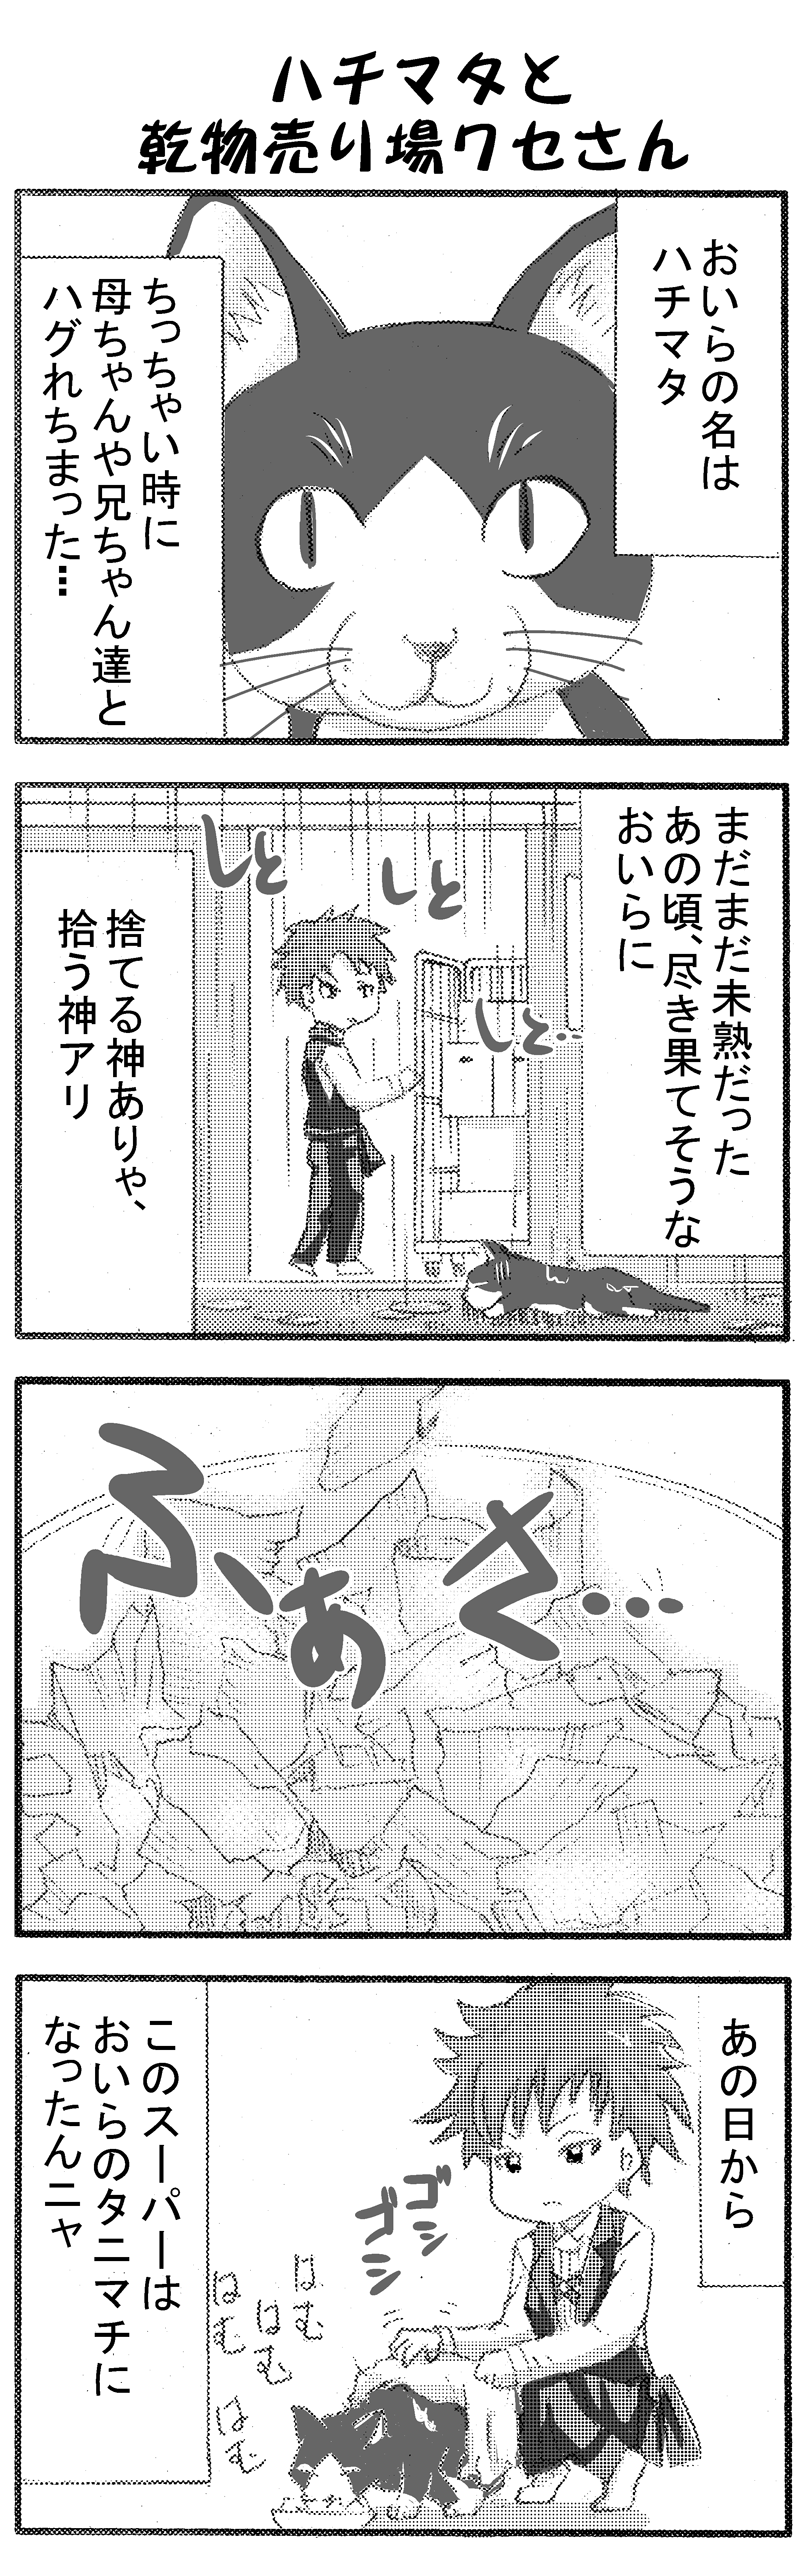 イケメンスーパー10-2-2